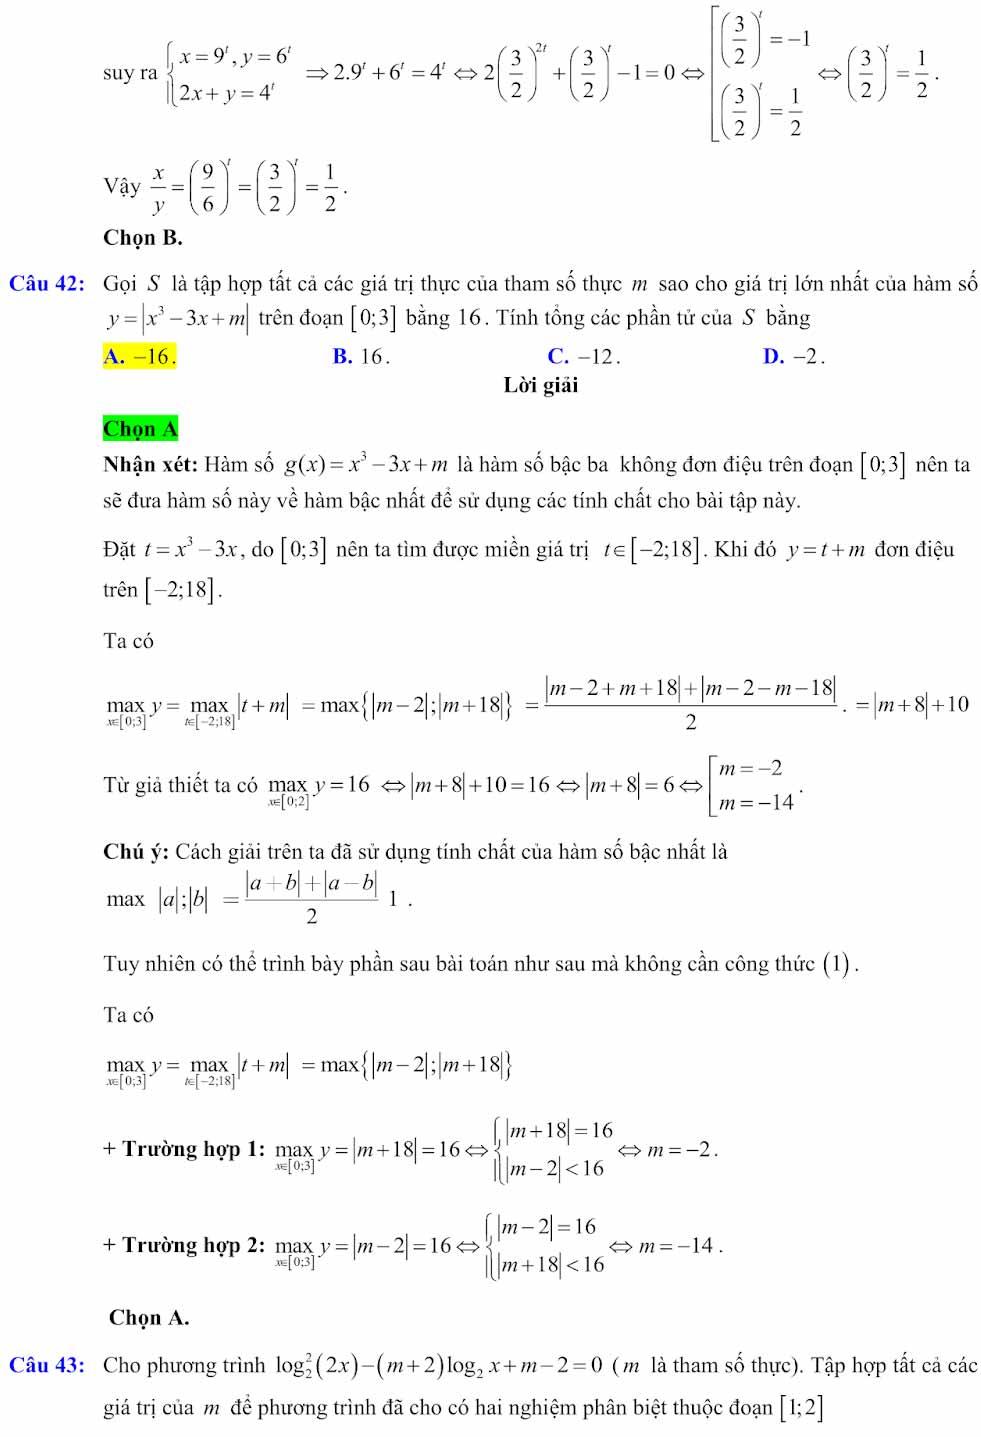 Đáp án đề minh họa thi thpt quốc gia môn toán 2020 lần 1_15